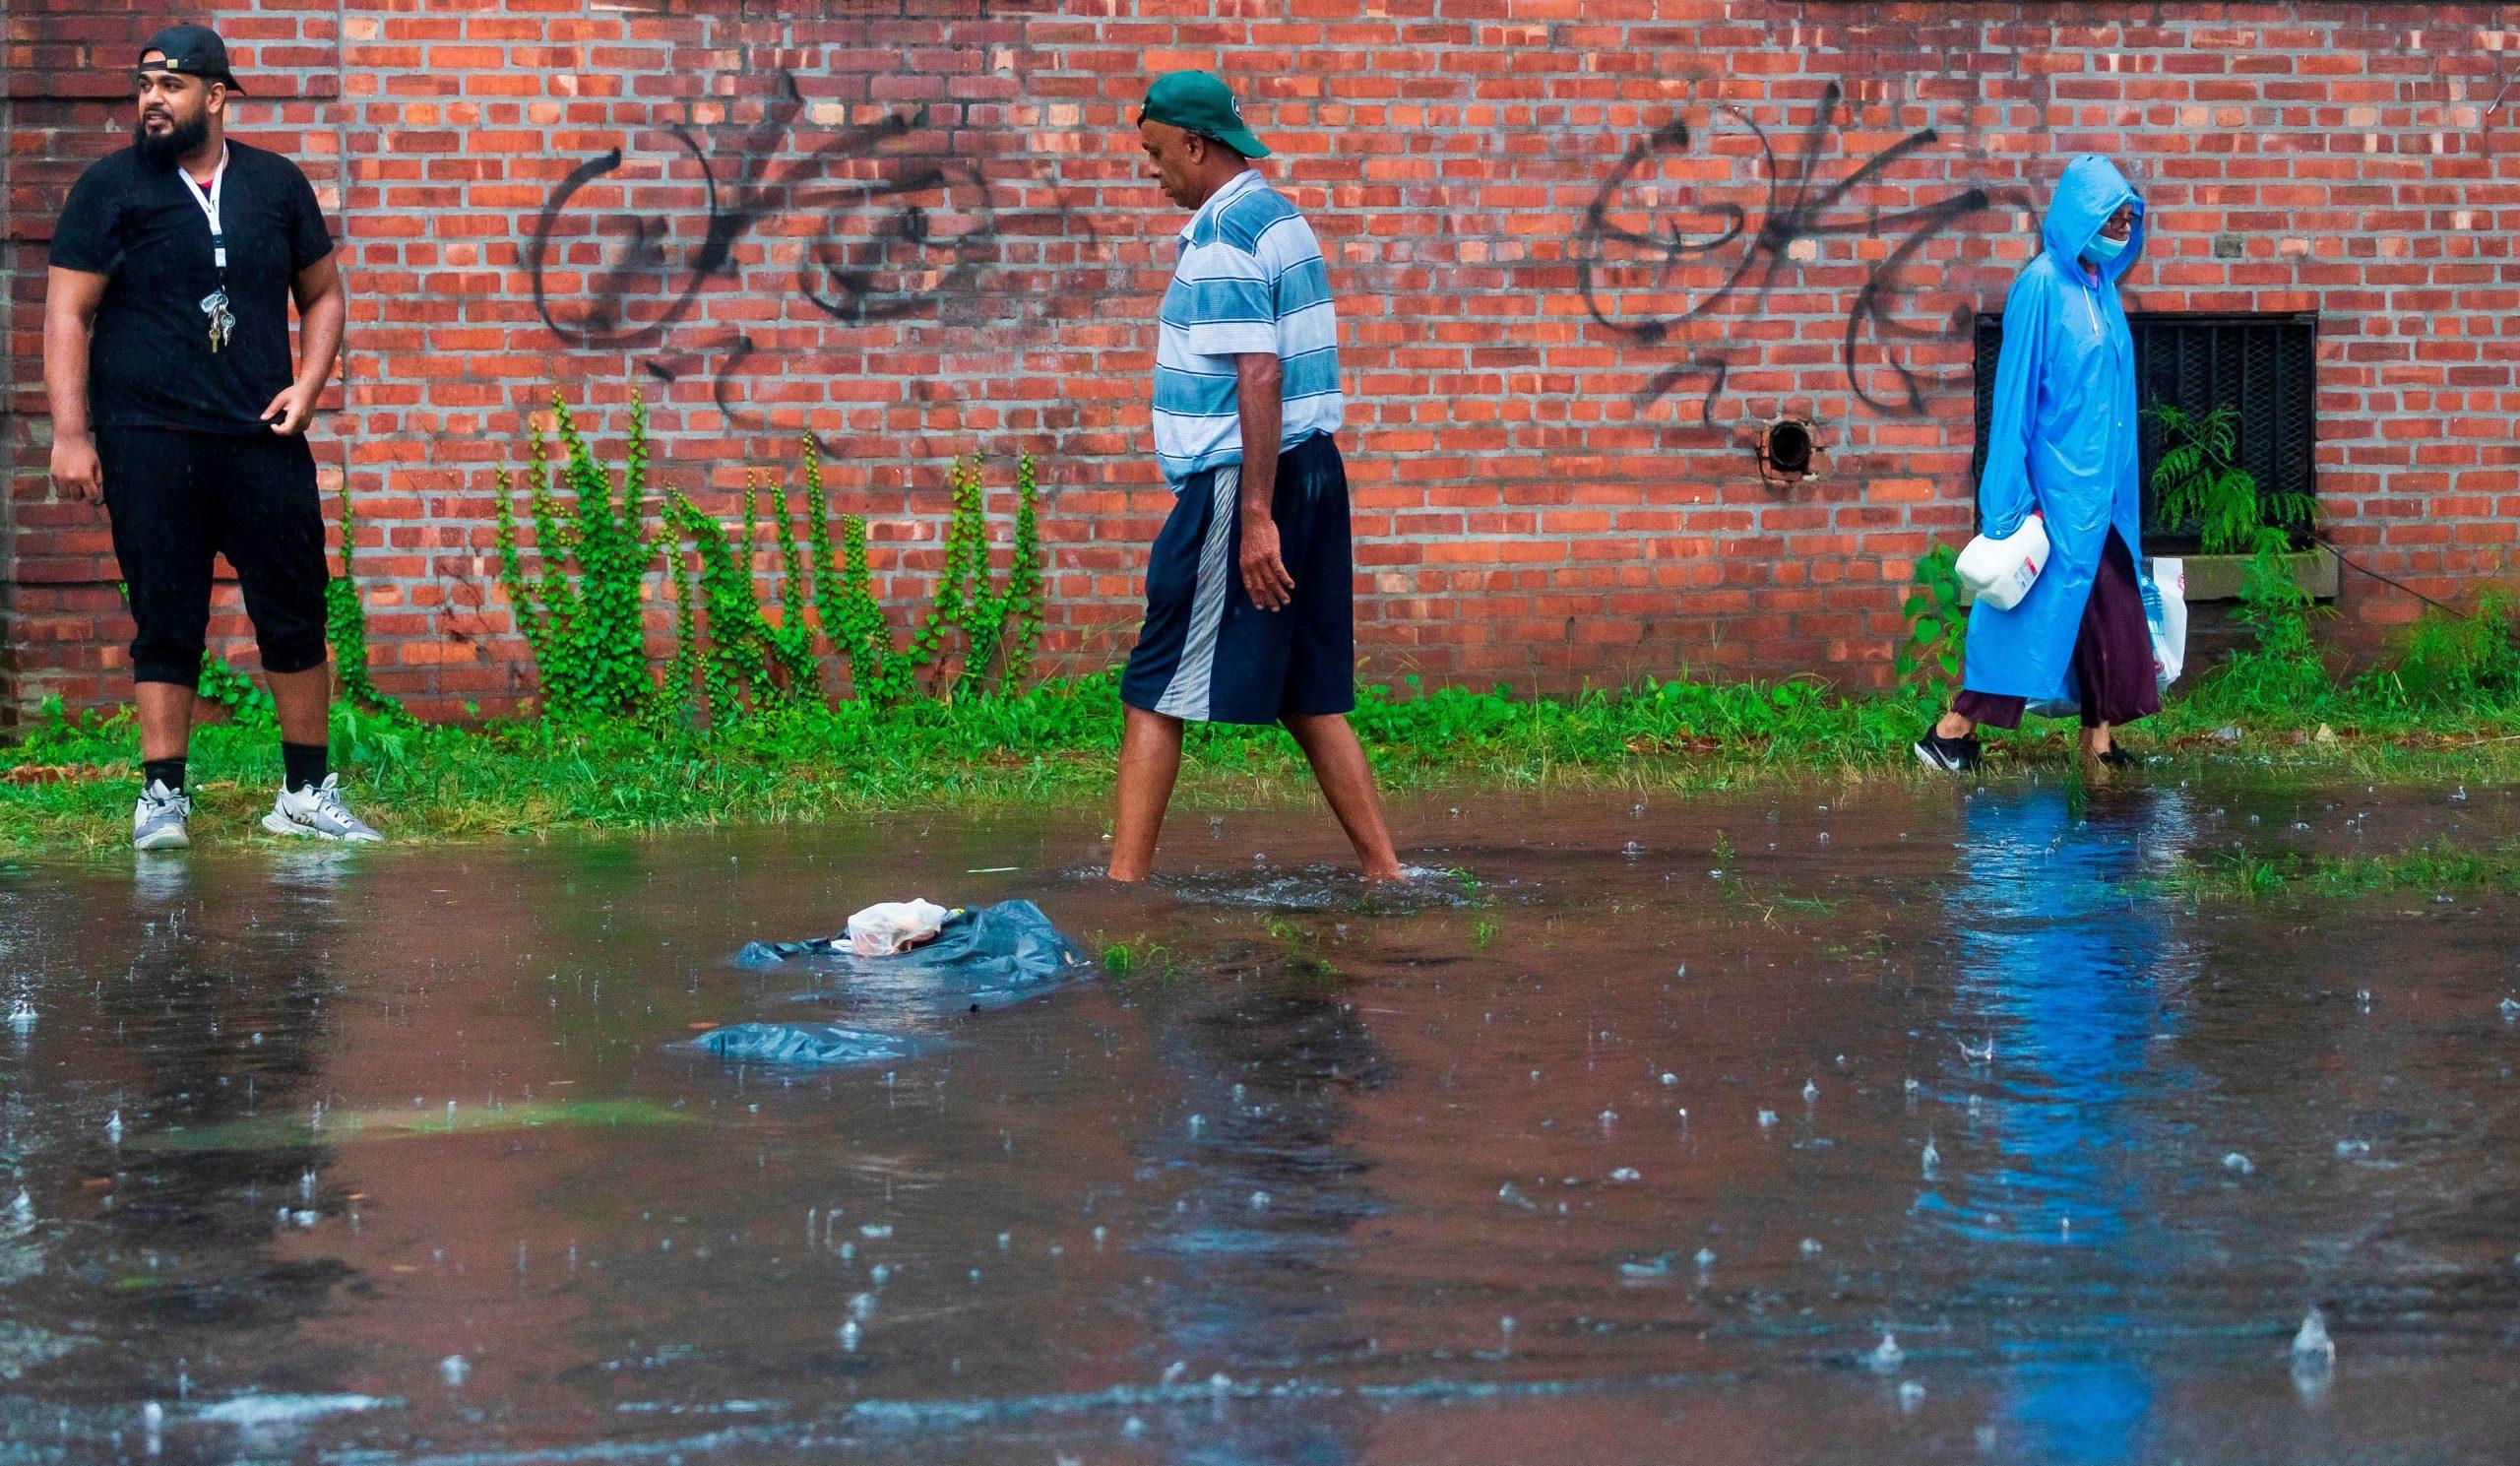 Tormenta Henri deja inundaciones, miles sin electricidad, vuelos cancelados en noreste de Estados Unidos - Prensa Libre